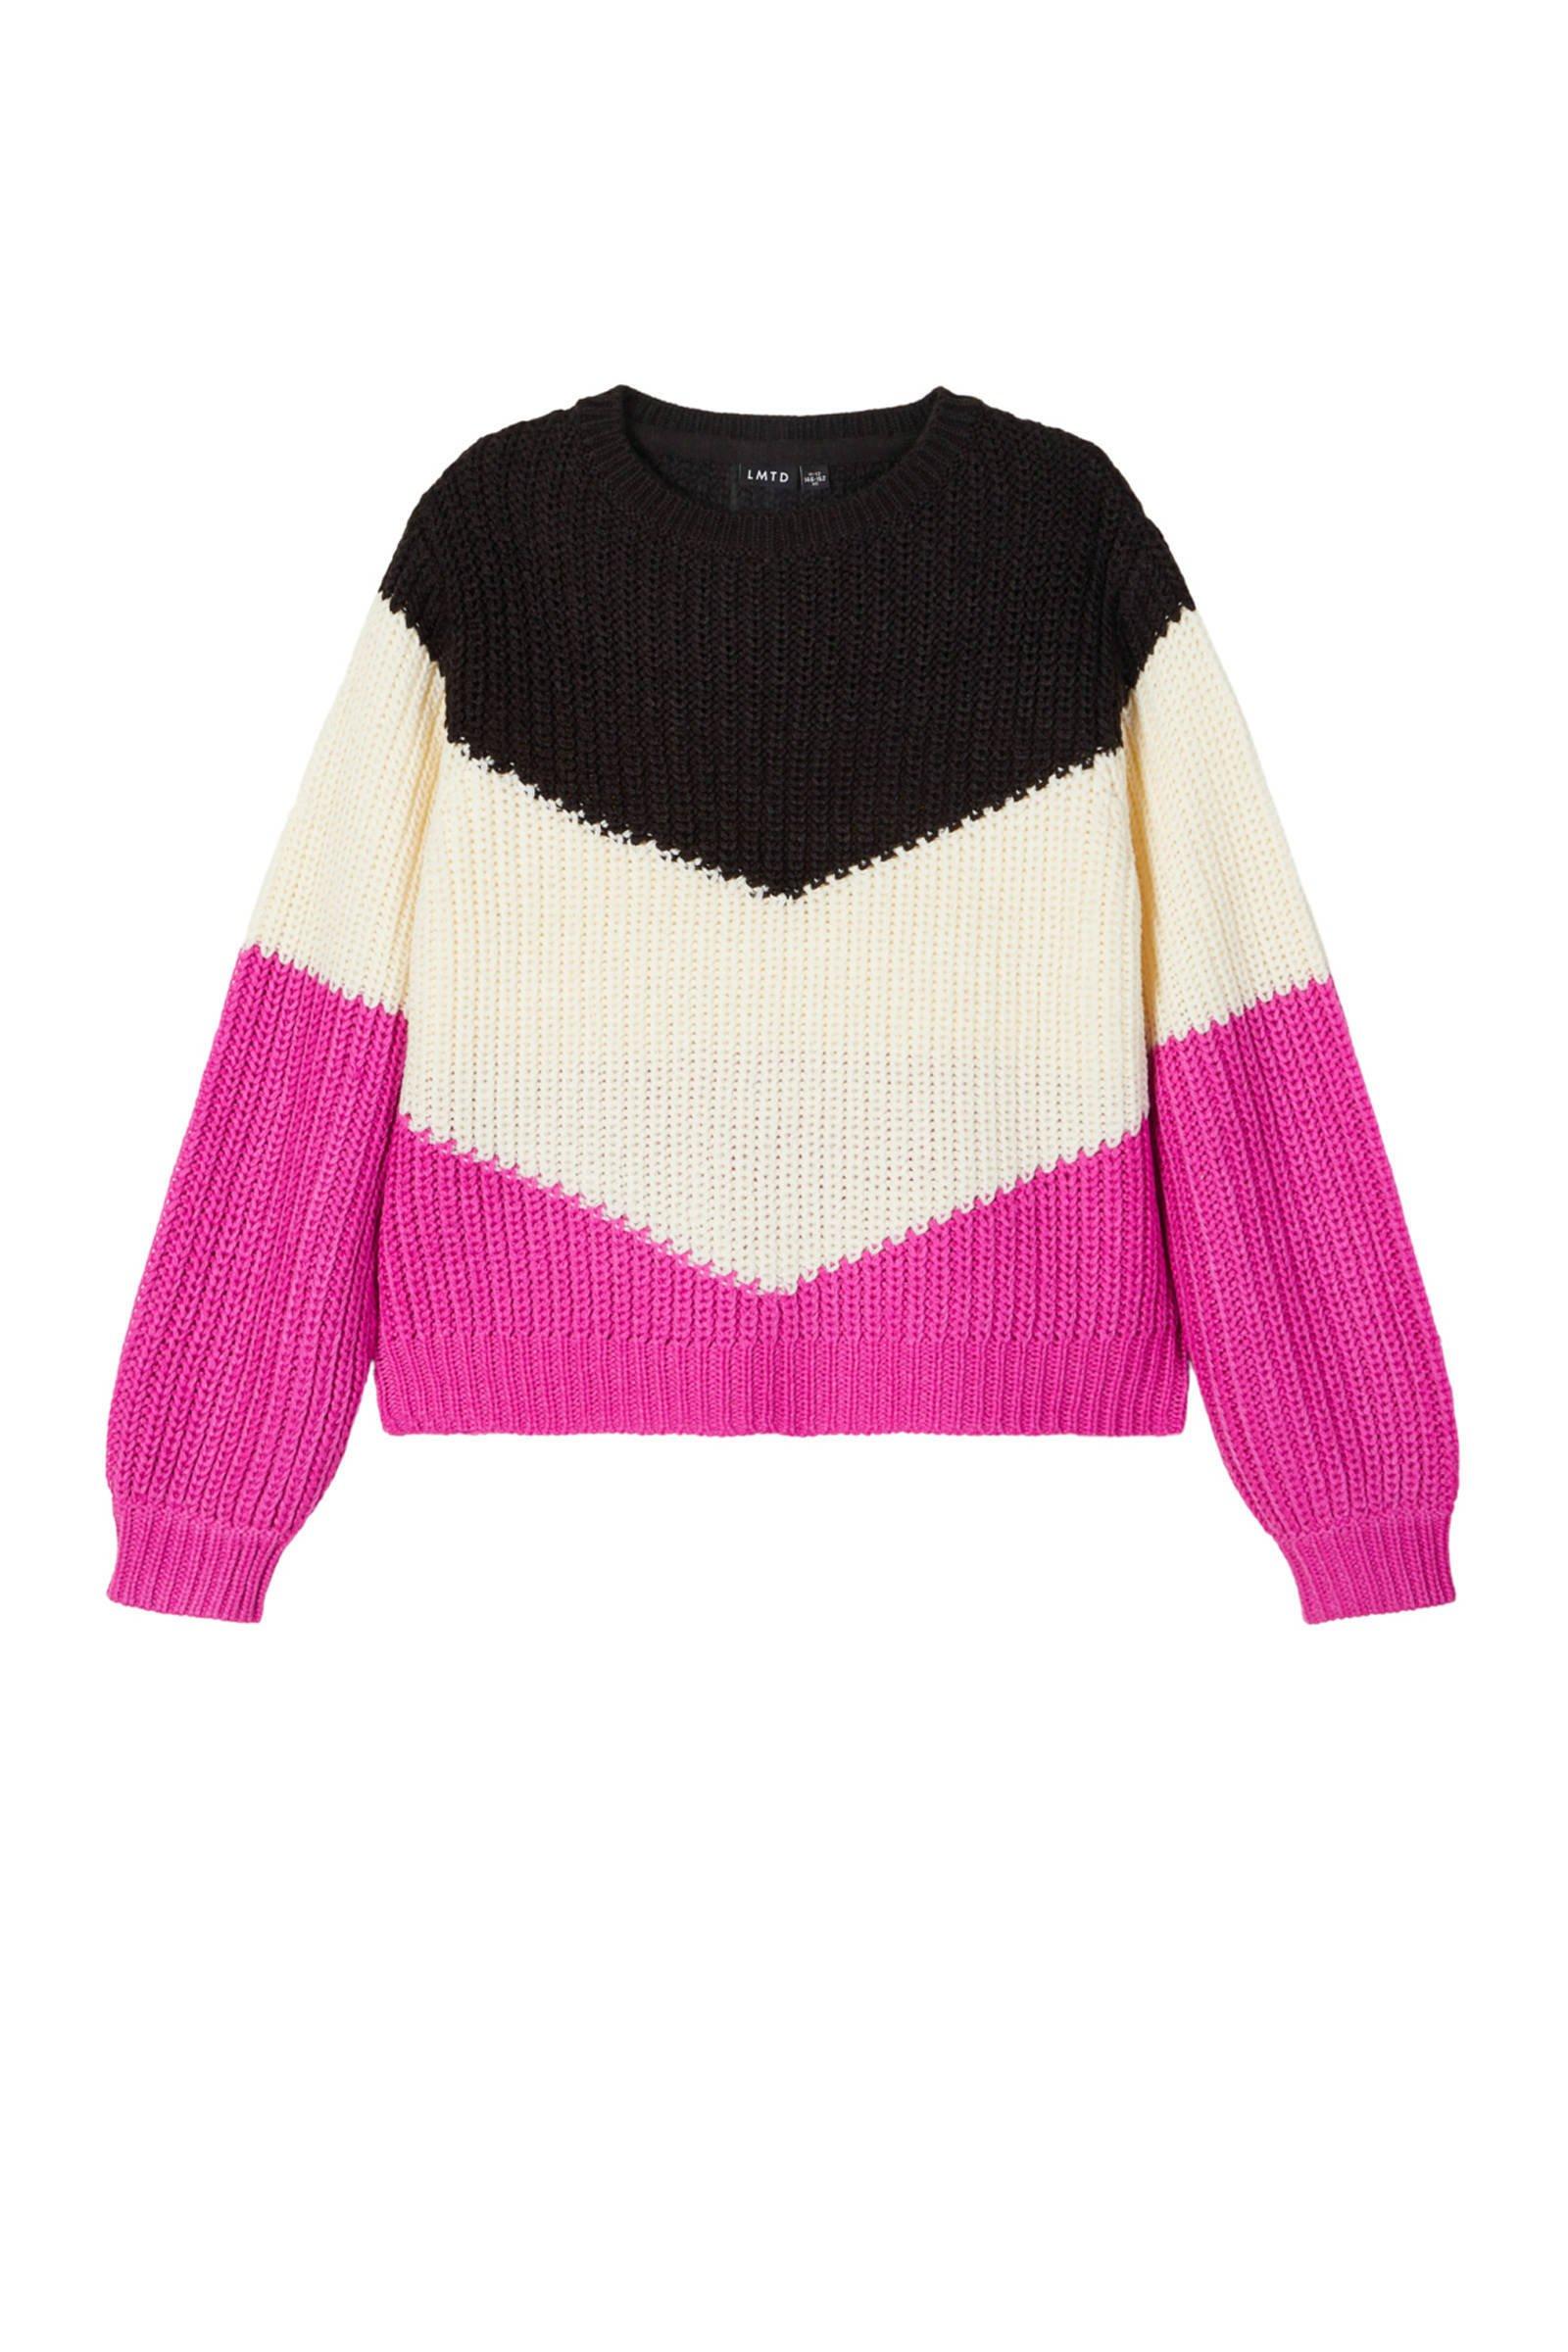 HEMA baby gebreide trui met stippen roze | wehkamp